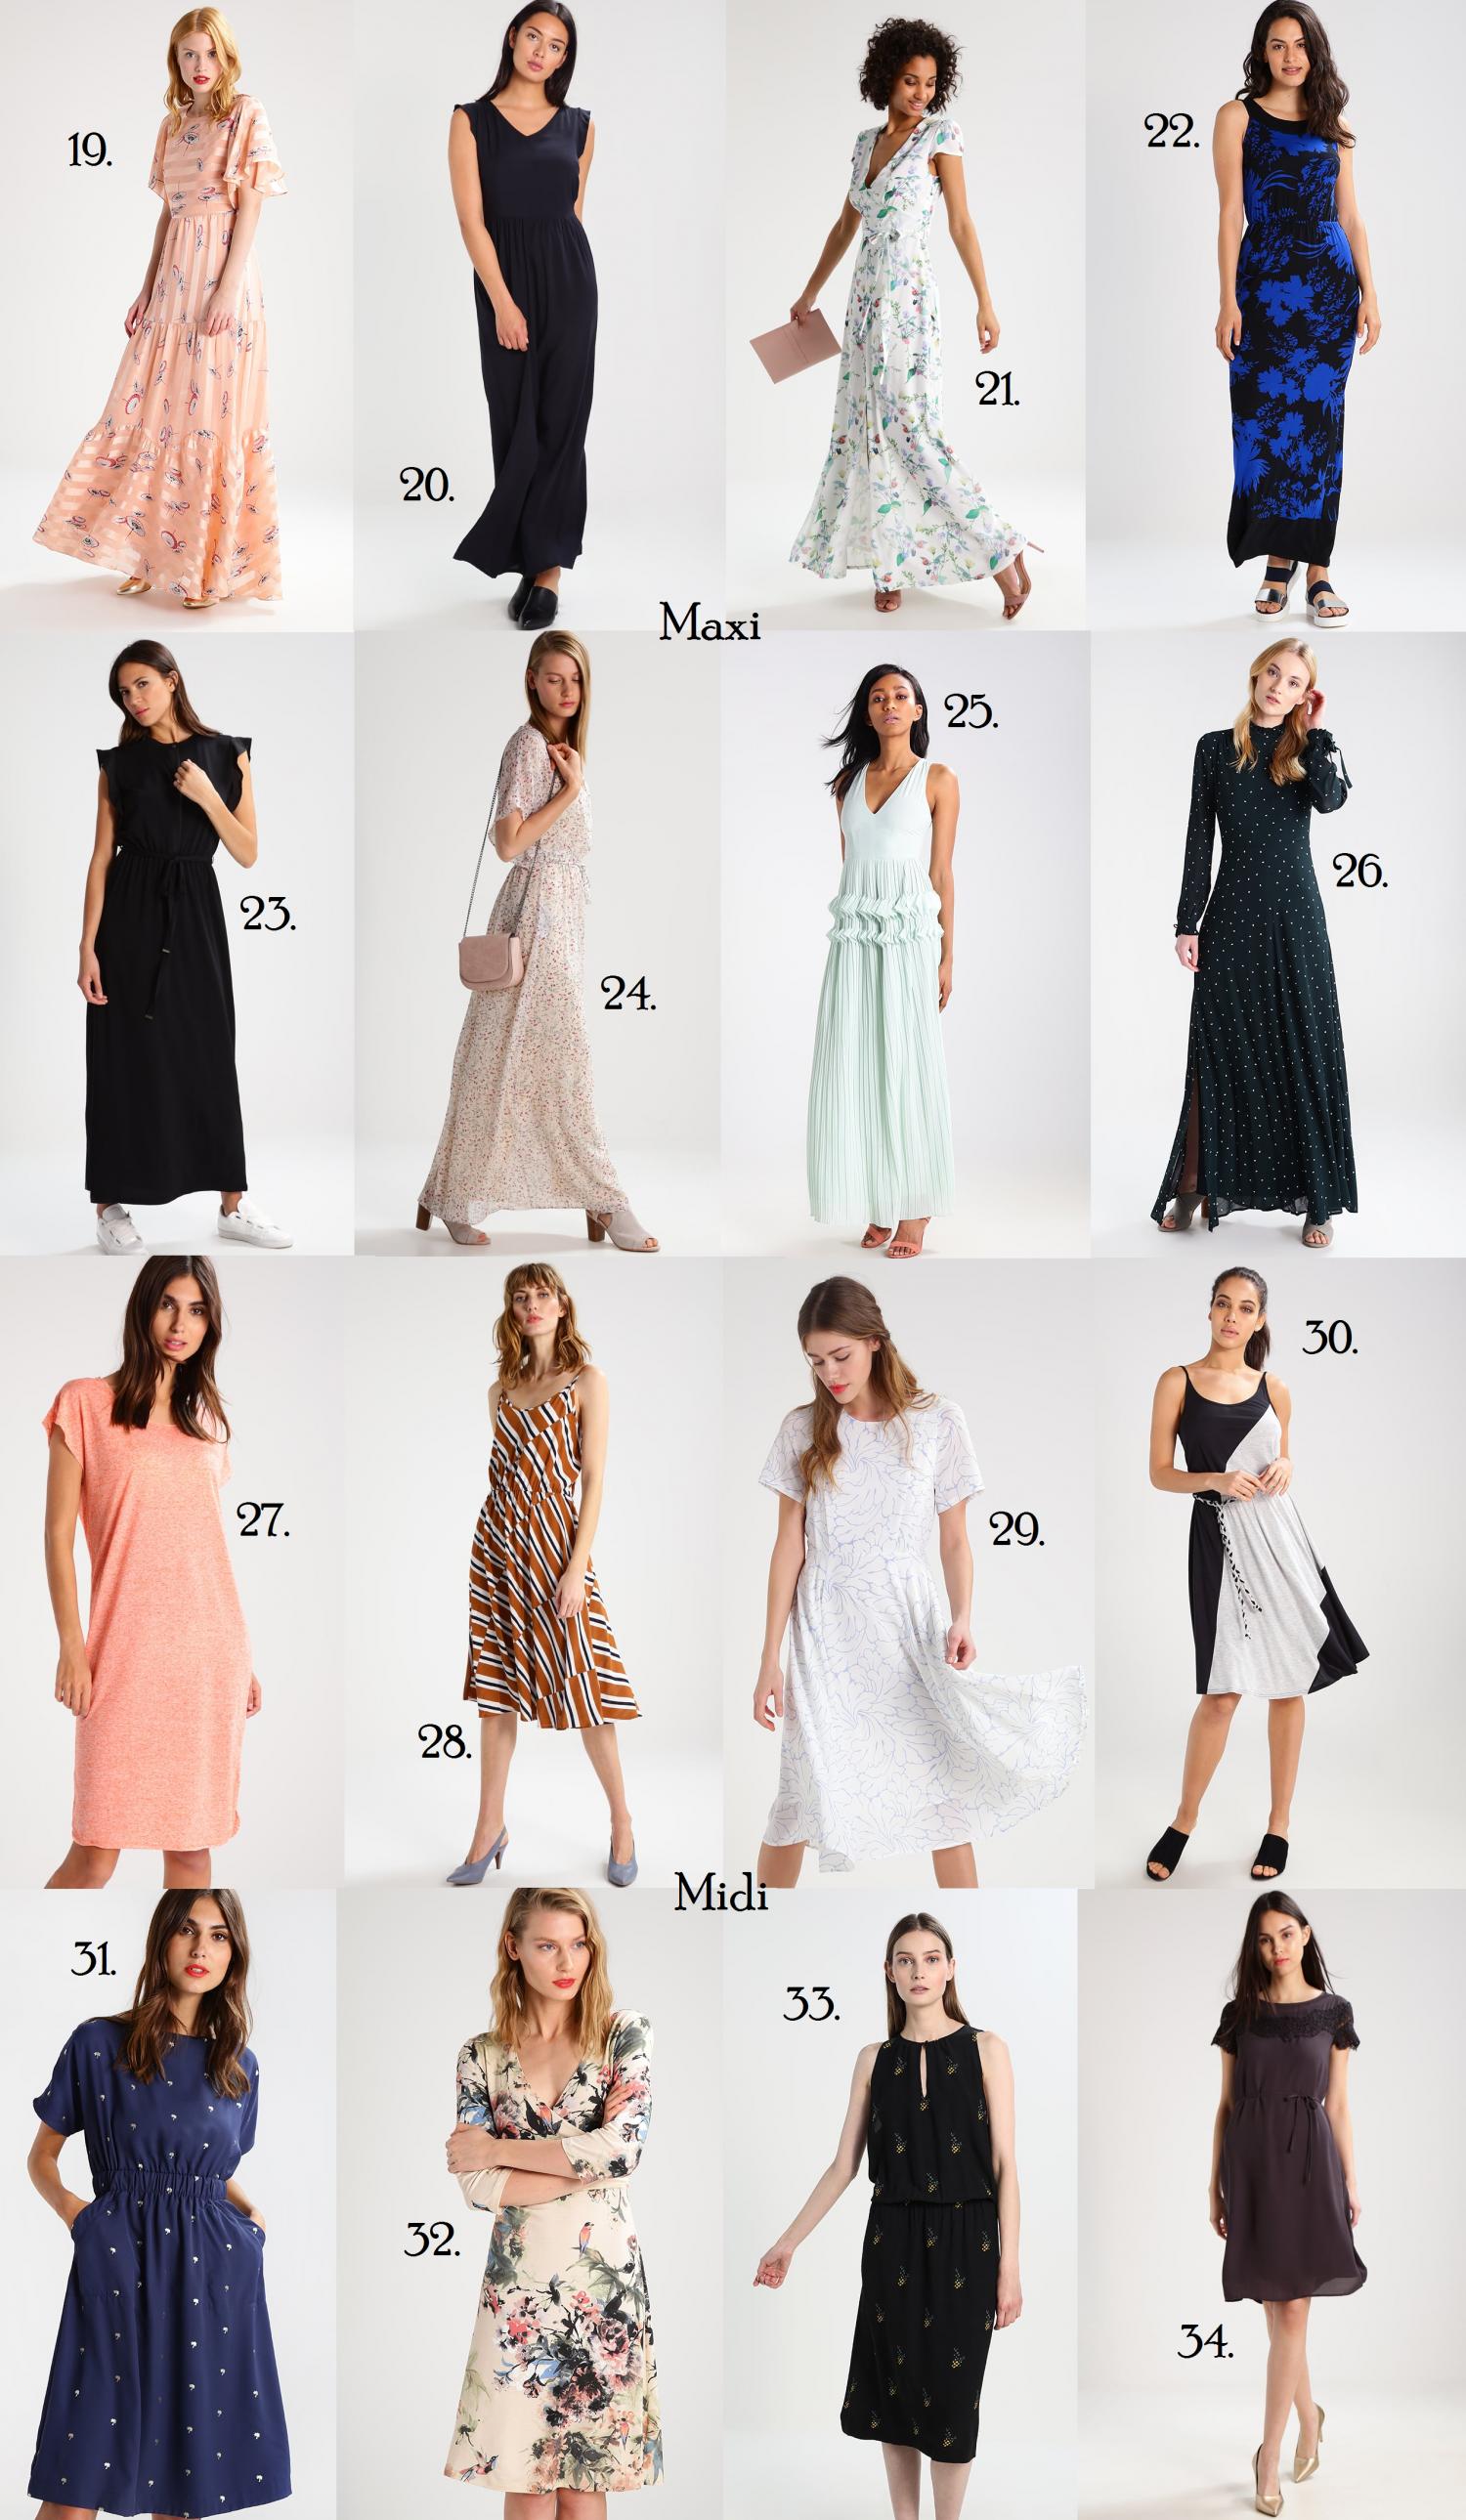 kjoler-zalando